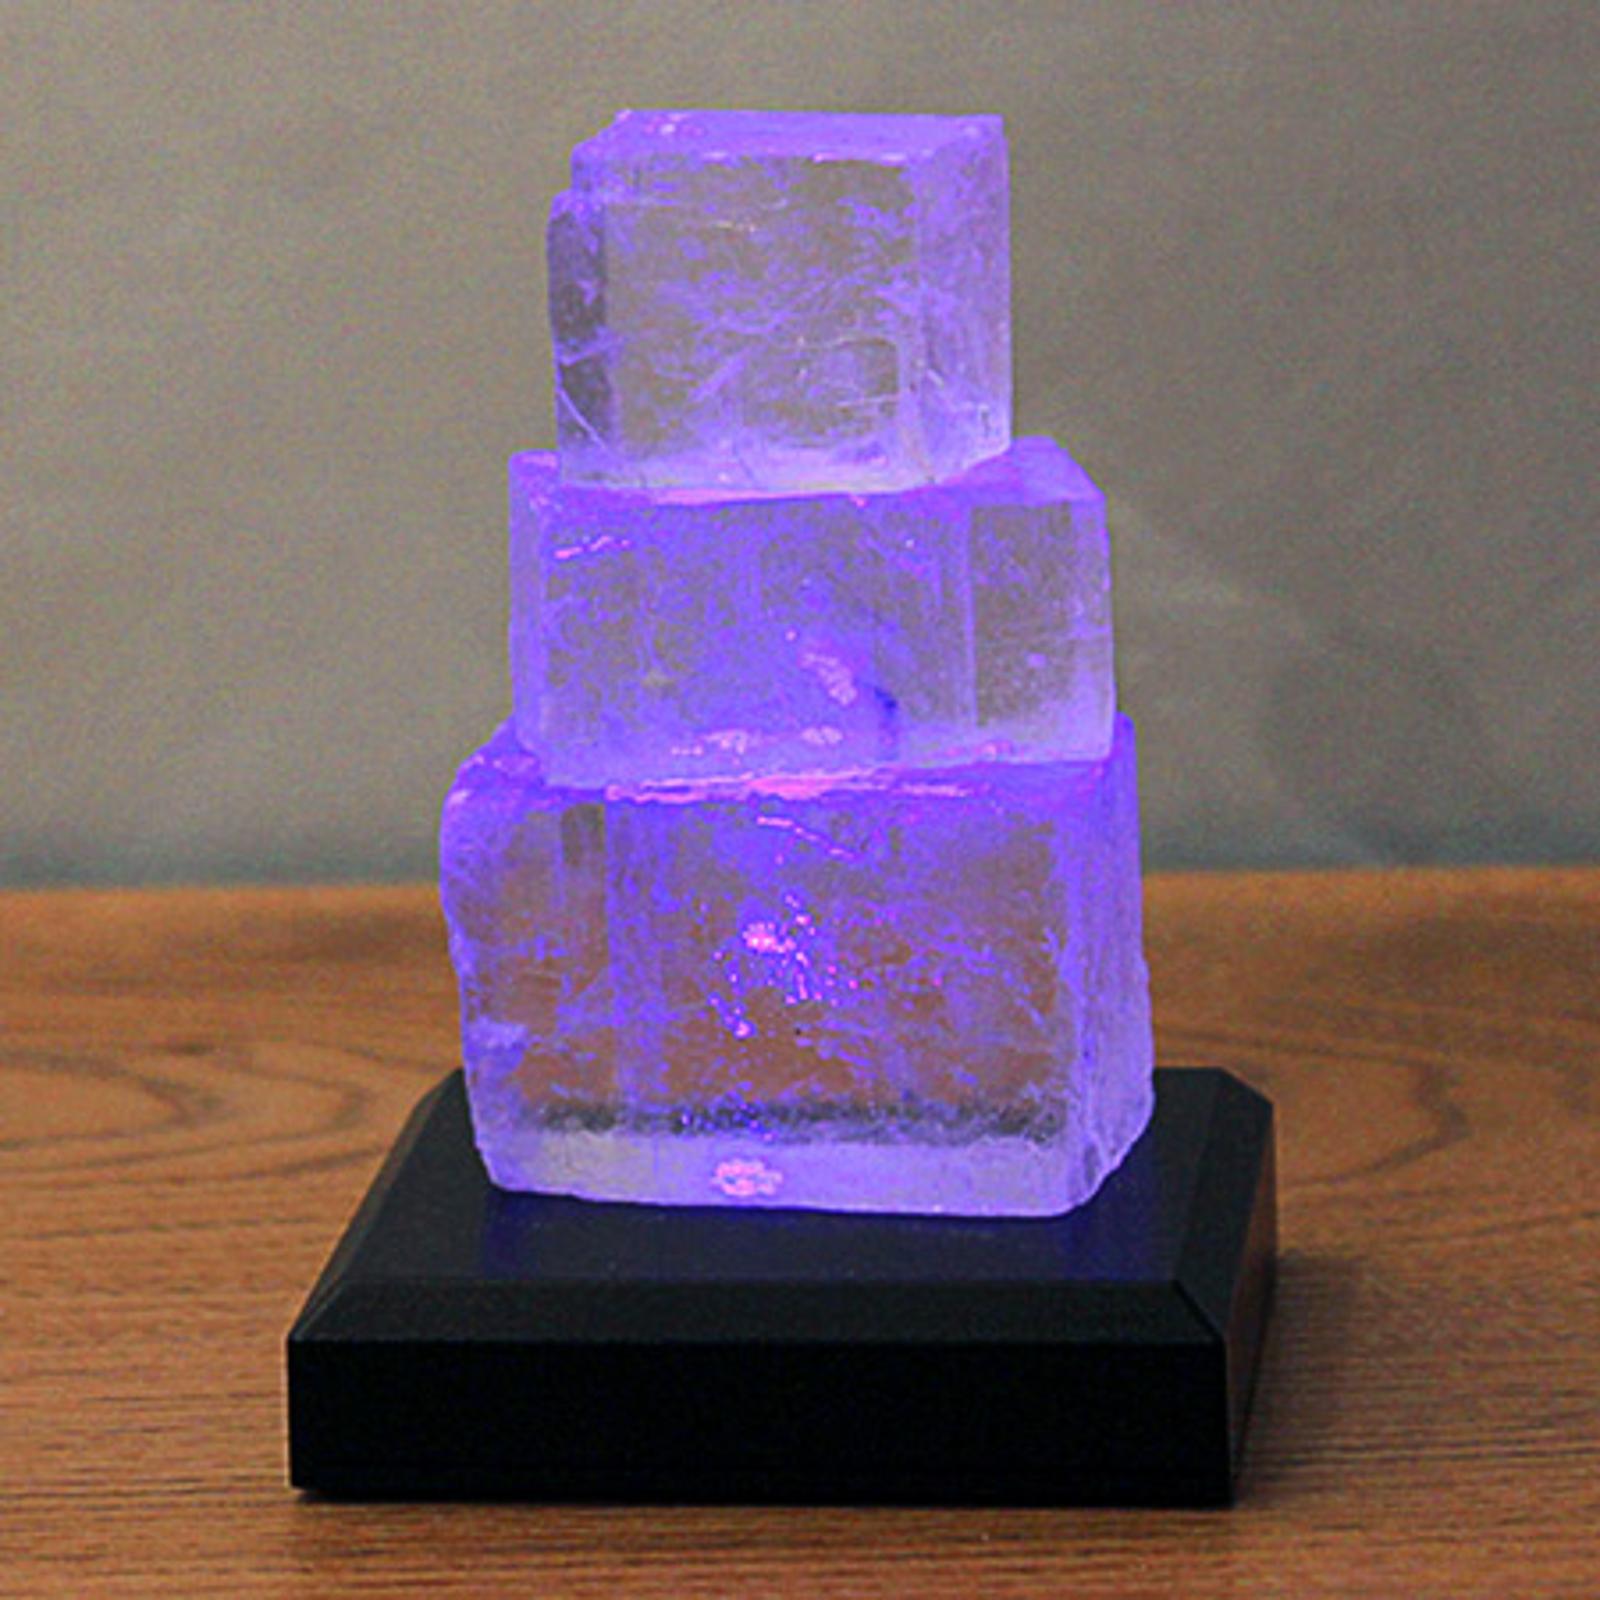 Paristokäyttöinen Halit Turm -LED-pöytävalaisin